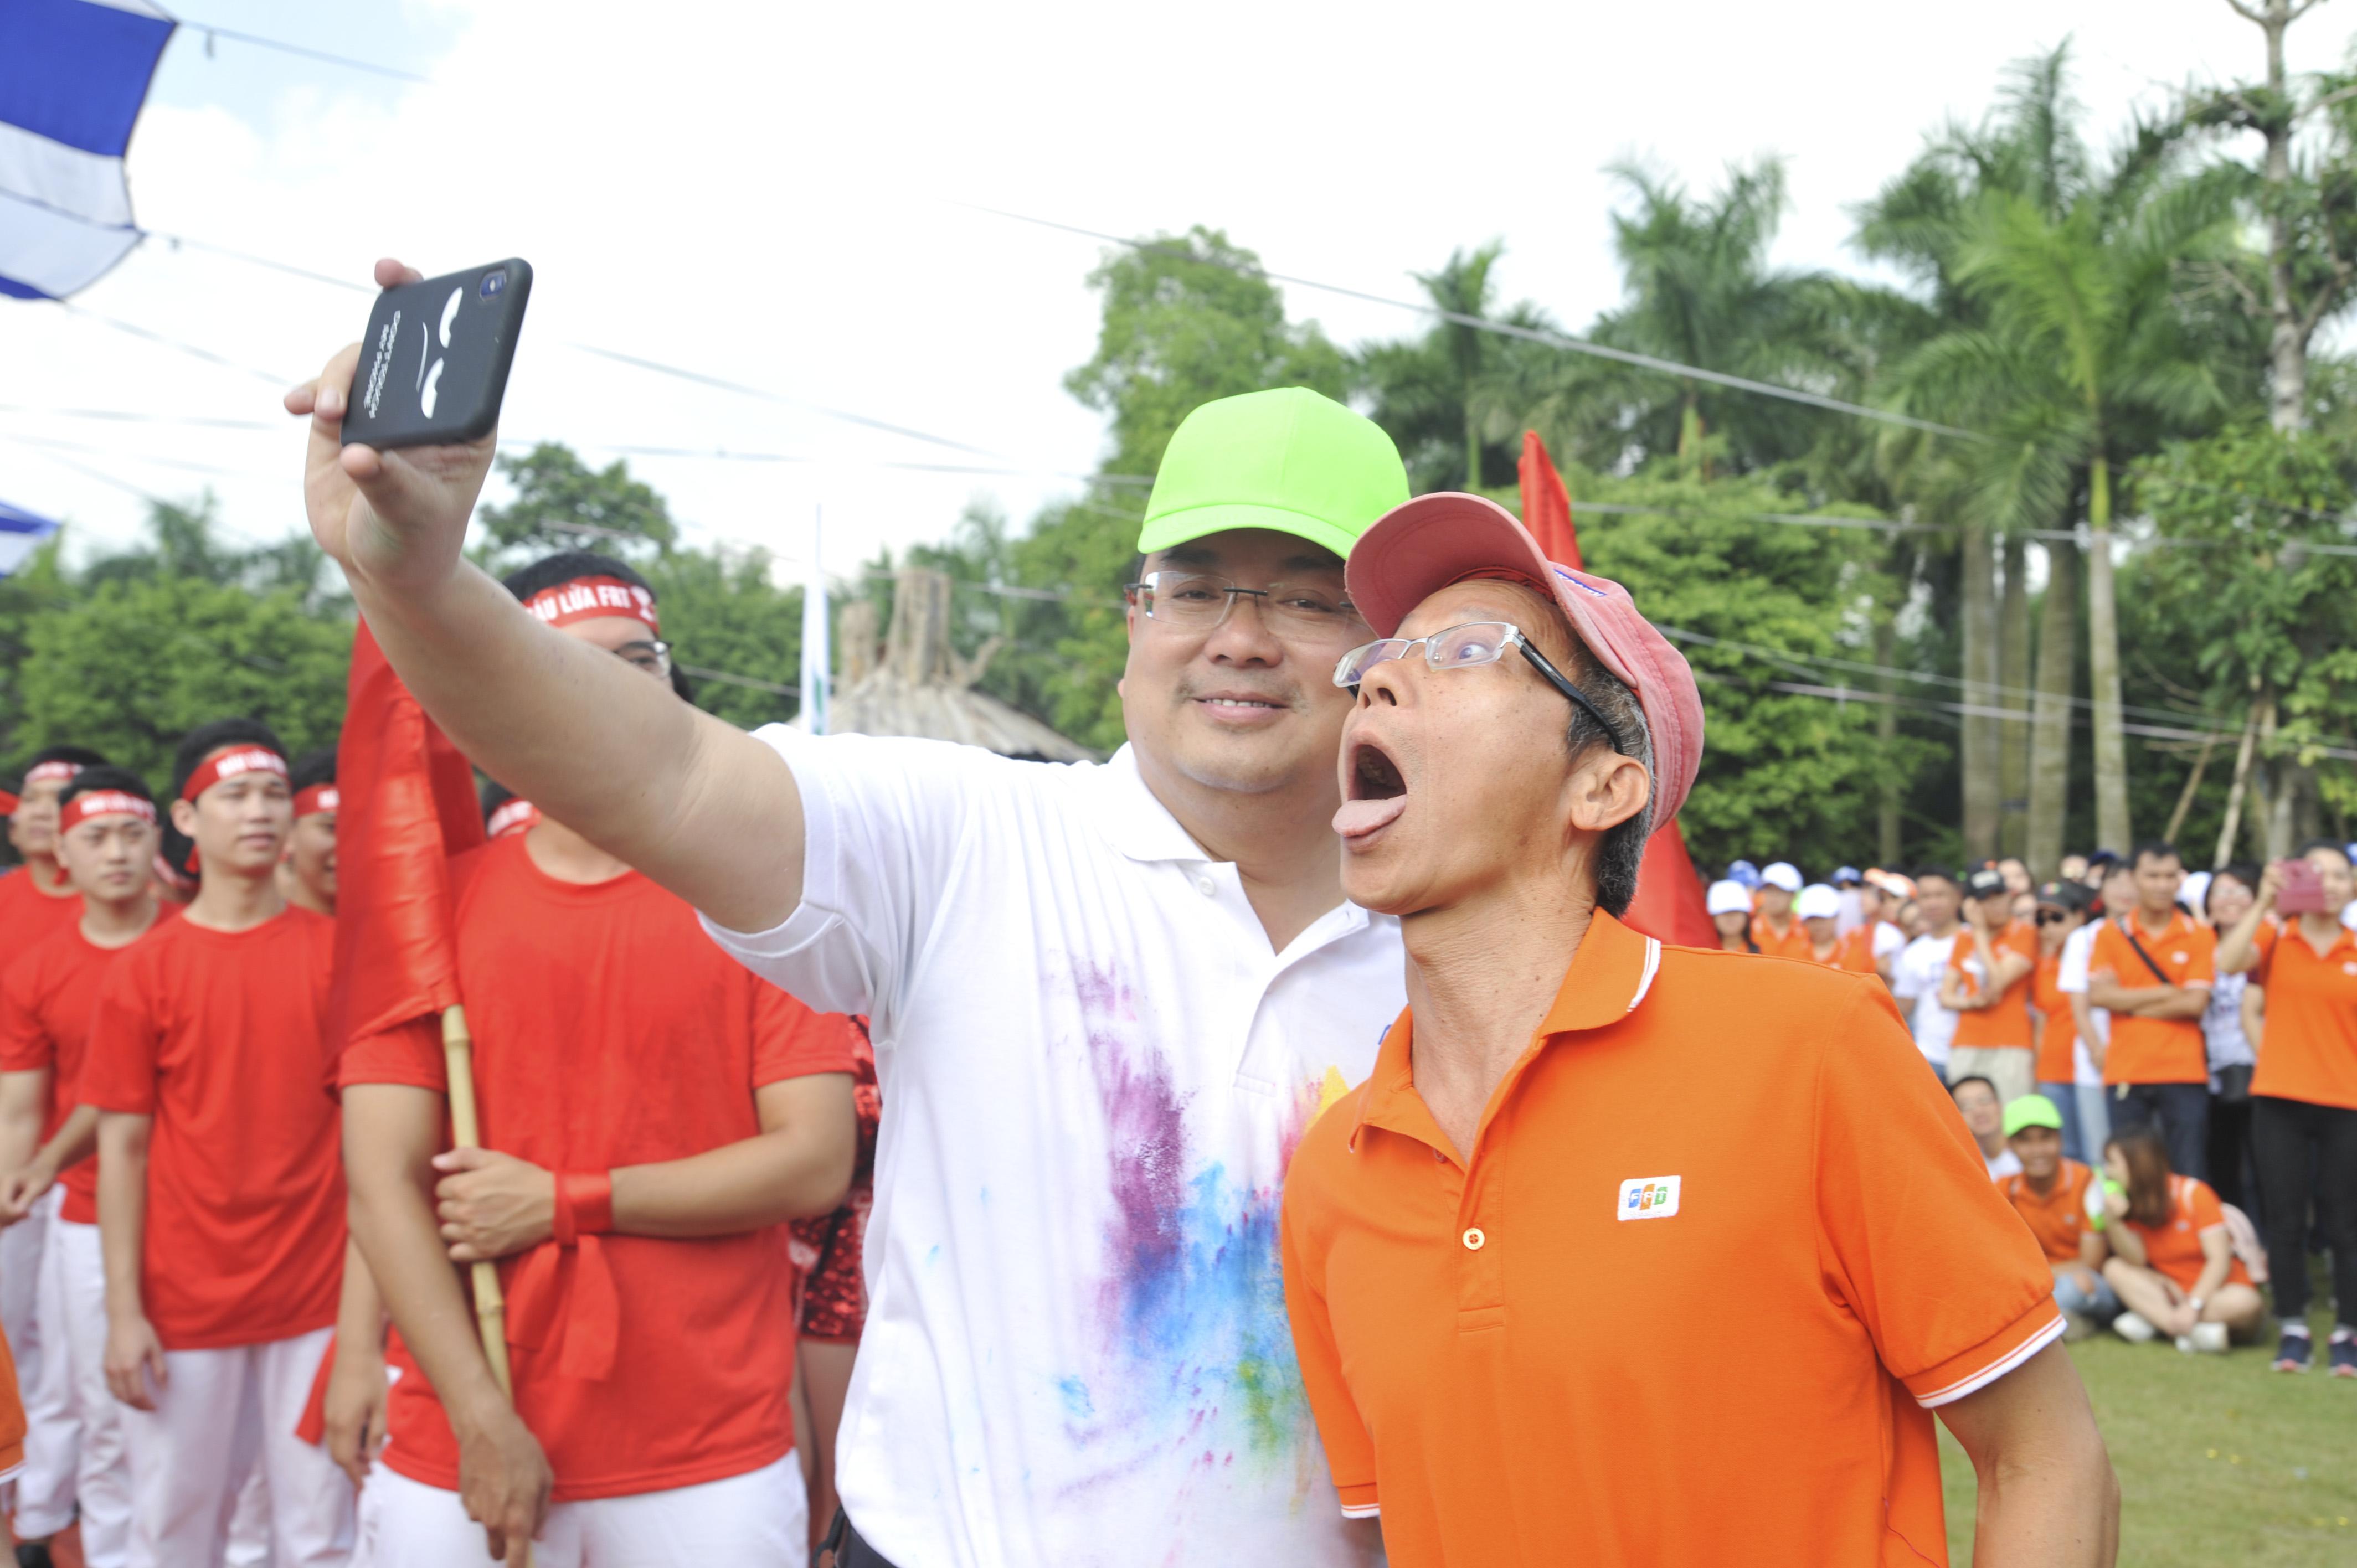 Chủ tịch FPT Software Hoàng Nam Tiến và Hiệu trưởng ĐH FPT Nguyễn Khắc Thành tranh thủ tạo dáng selfie trước khi bắt đầu chương trình.